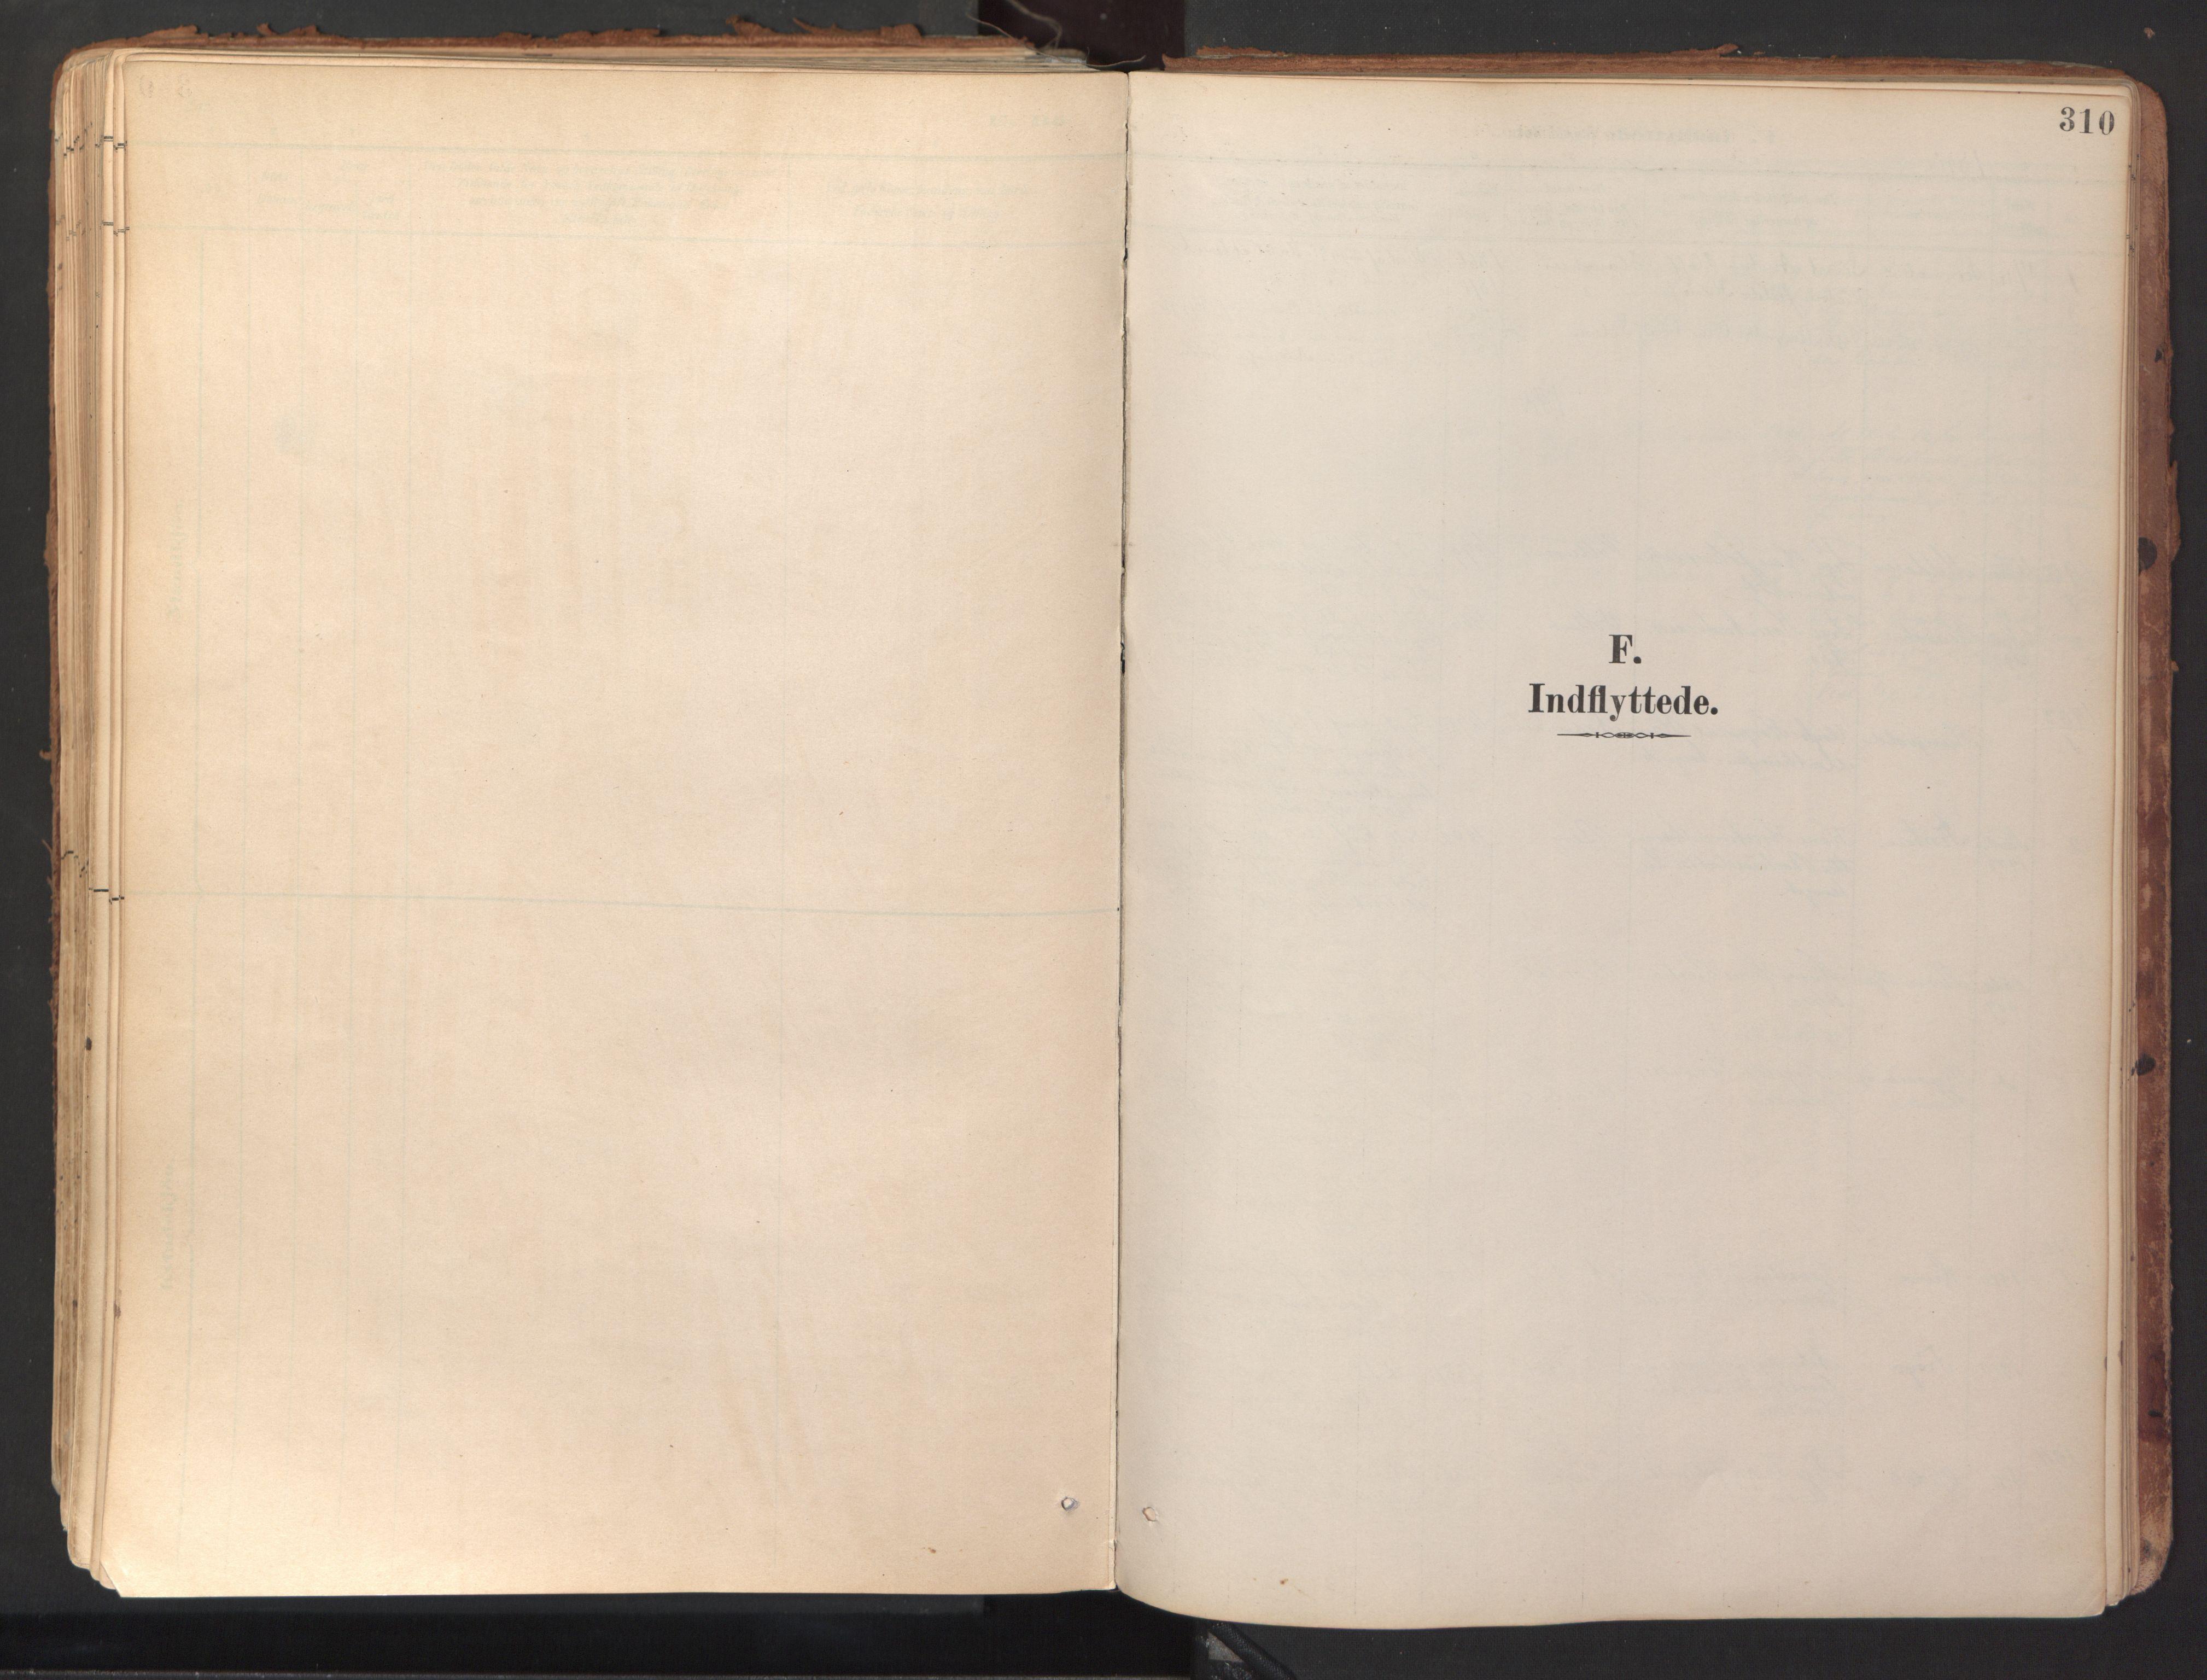 SAT, Ministerialprotokoller, klokkerbøker og fødselsregistre - Sør-Trøndelag, 689/L1041: Ministerialbok nr. 689A06, 1891-1923, s. 310